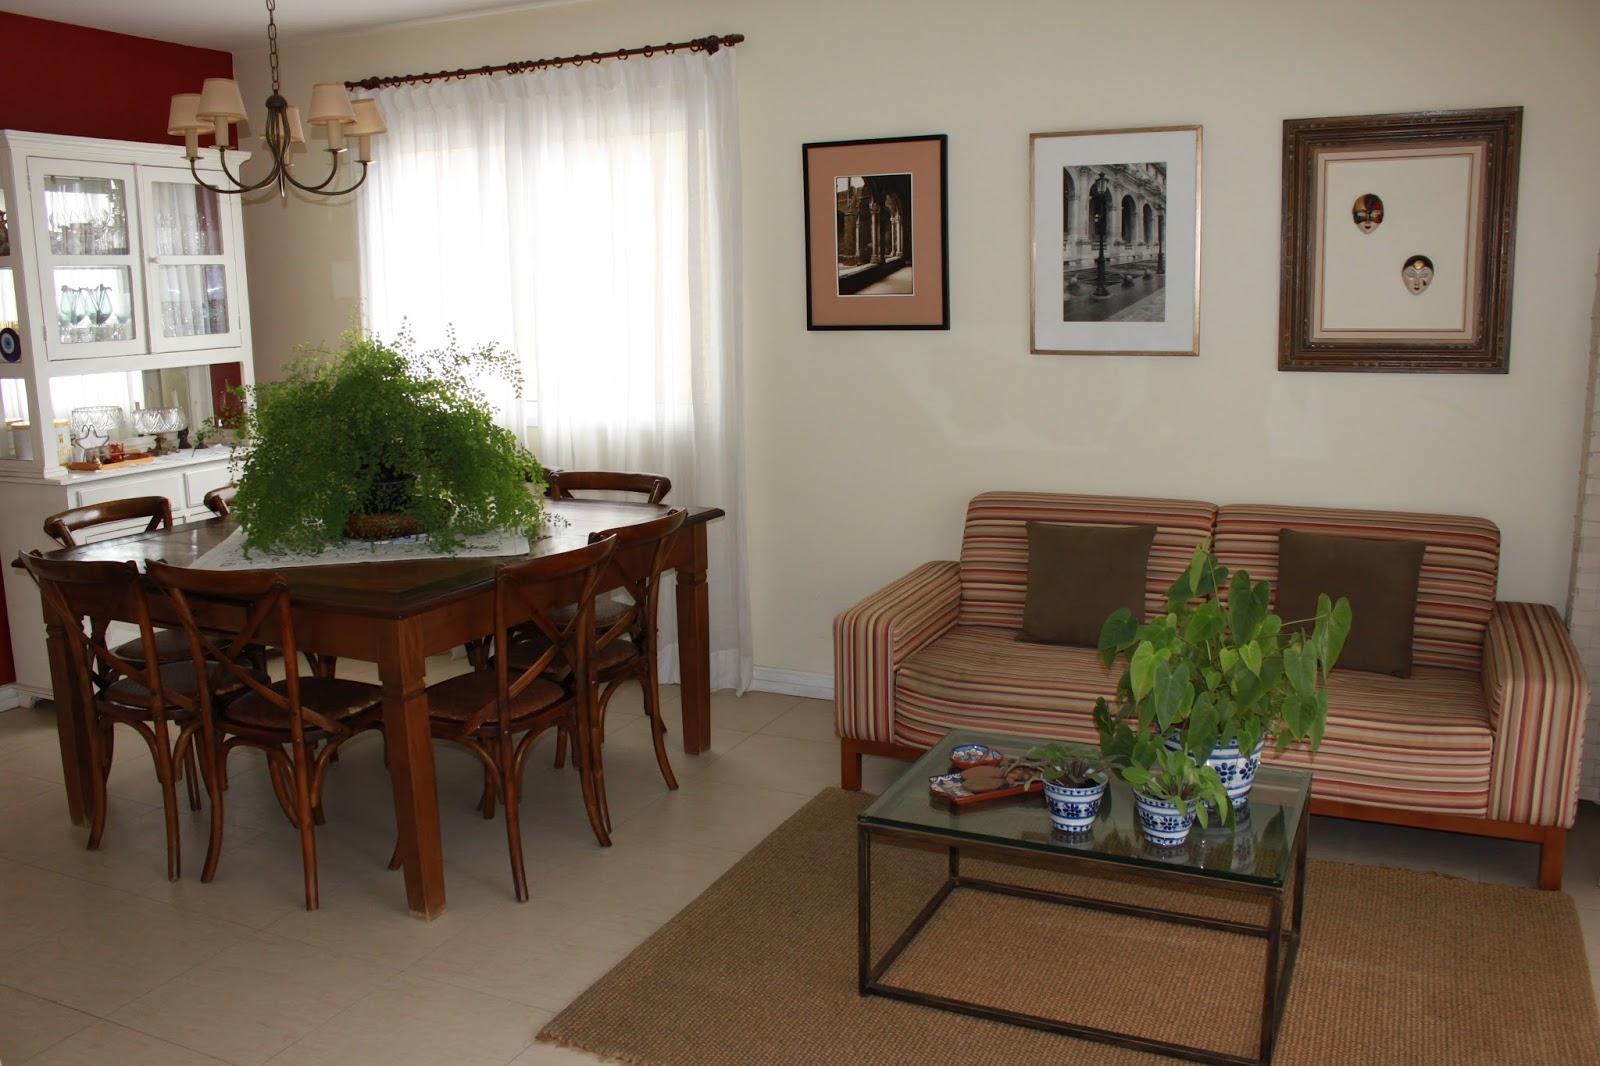 O excesso de objetos e plantas também aumentava a proporção da Madeira.  As paredes em amarelo traziam a Terra e a Água estava presente nos espelhos e vidro da mesa de centro.